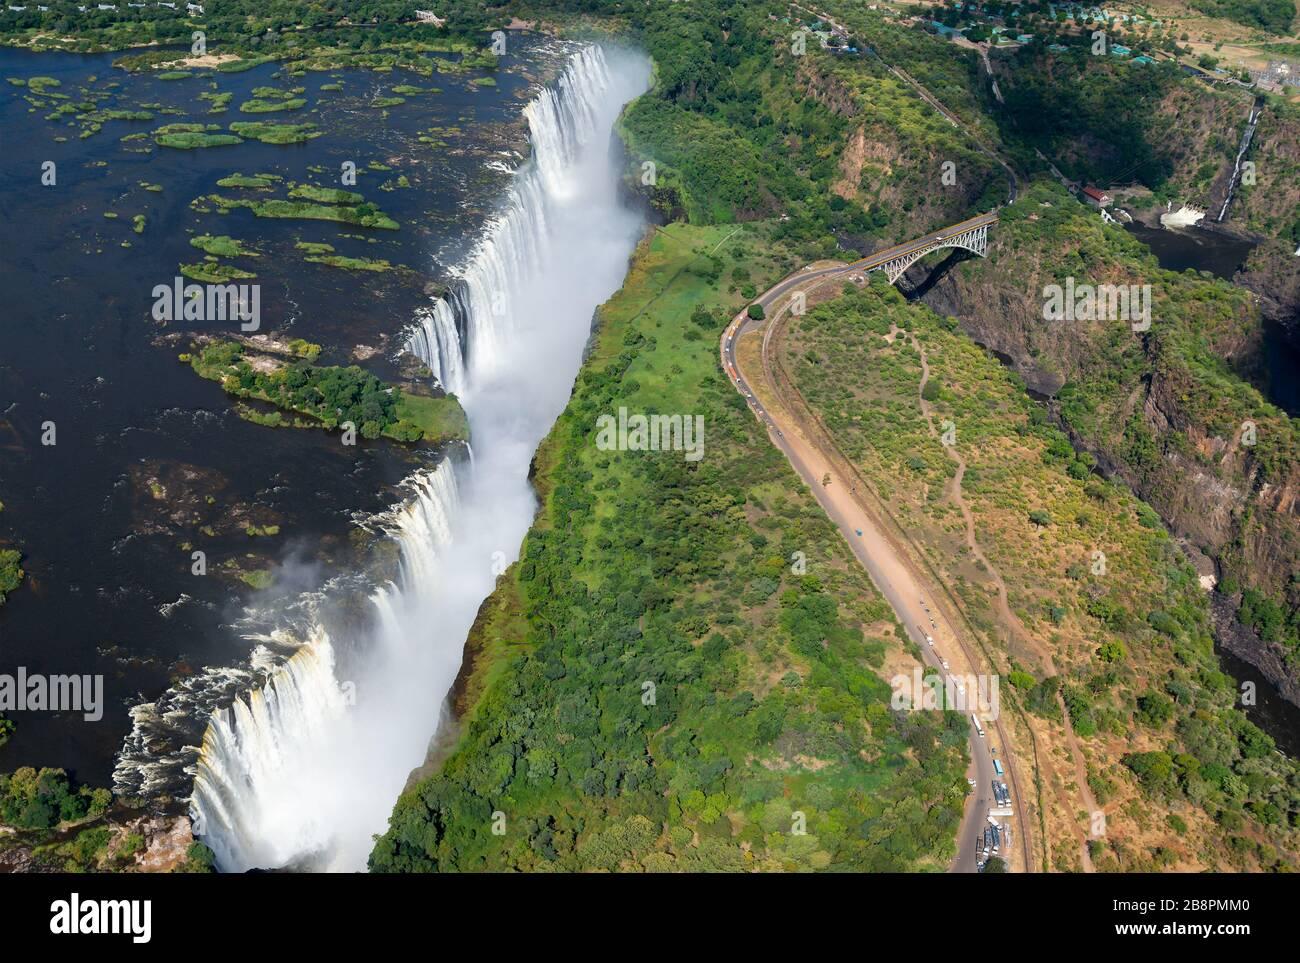 Vista aérea de las Cataratas Victoria situadas entre Zimbabwe y Zambia en un día soleado. Agua que fluye desde el río Zambezi. Catalogado por la UNESCO como Patrimonio de la Humanidad Foto de stock